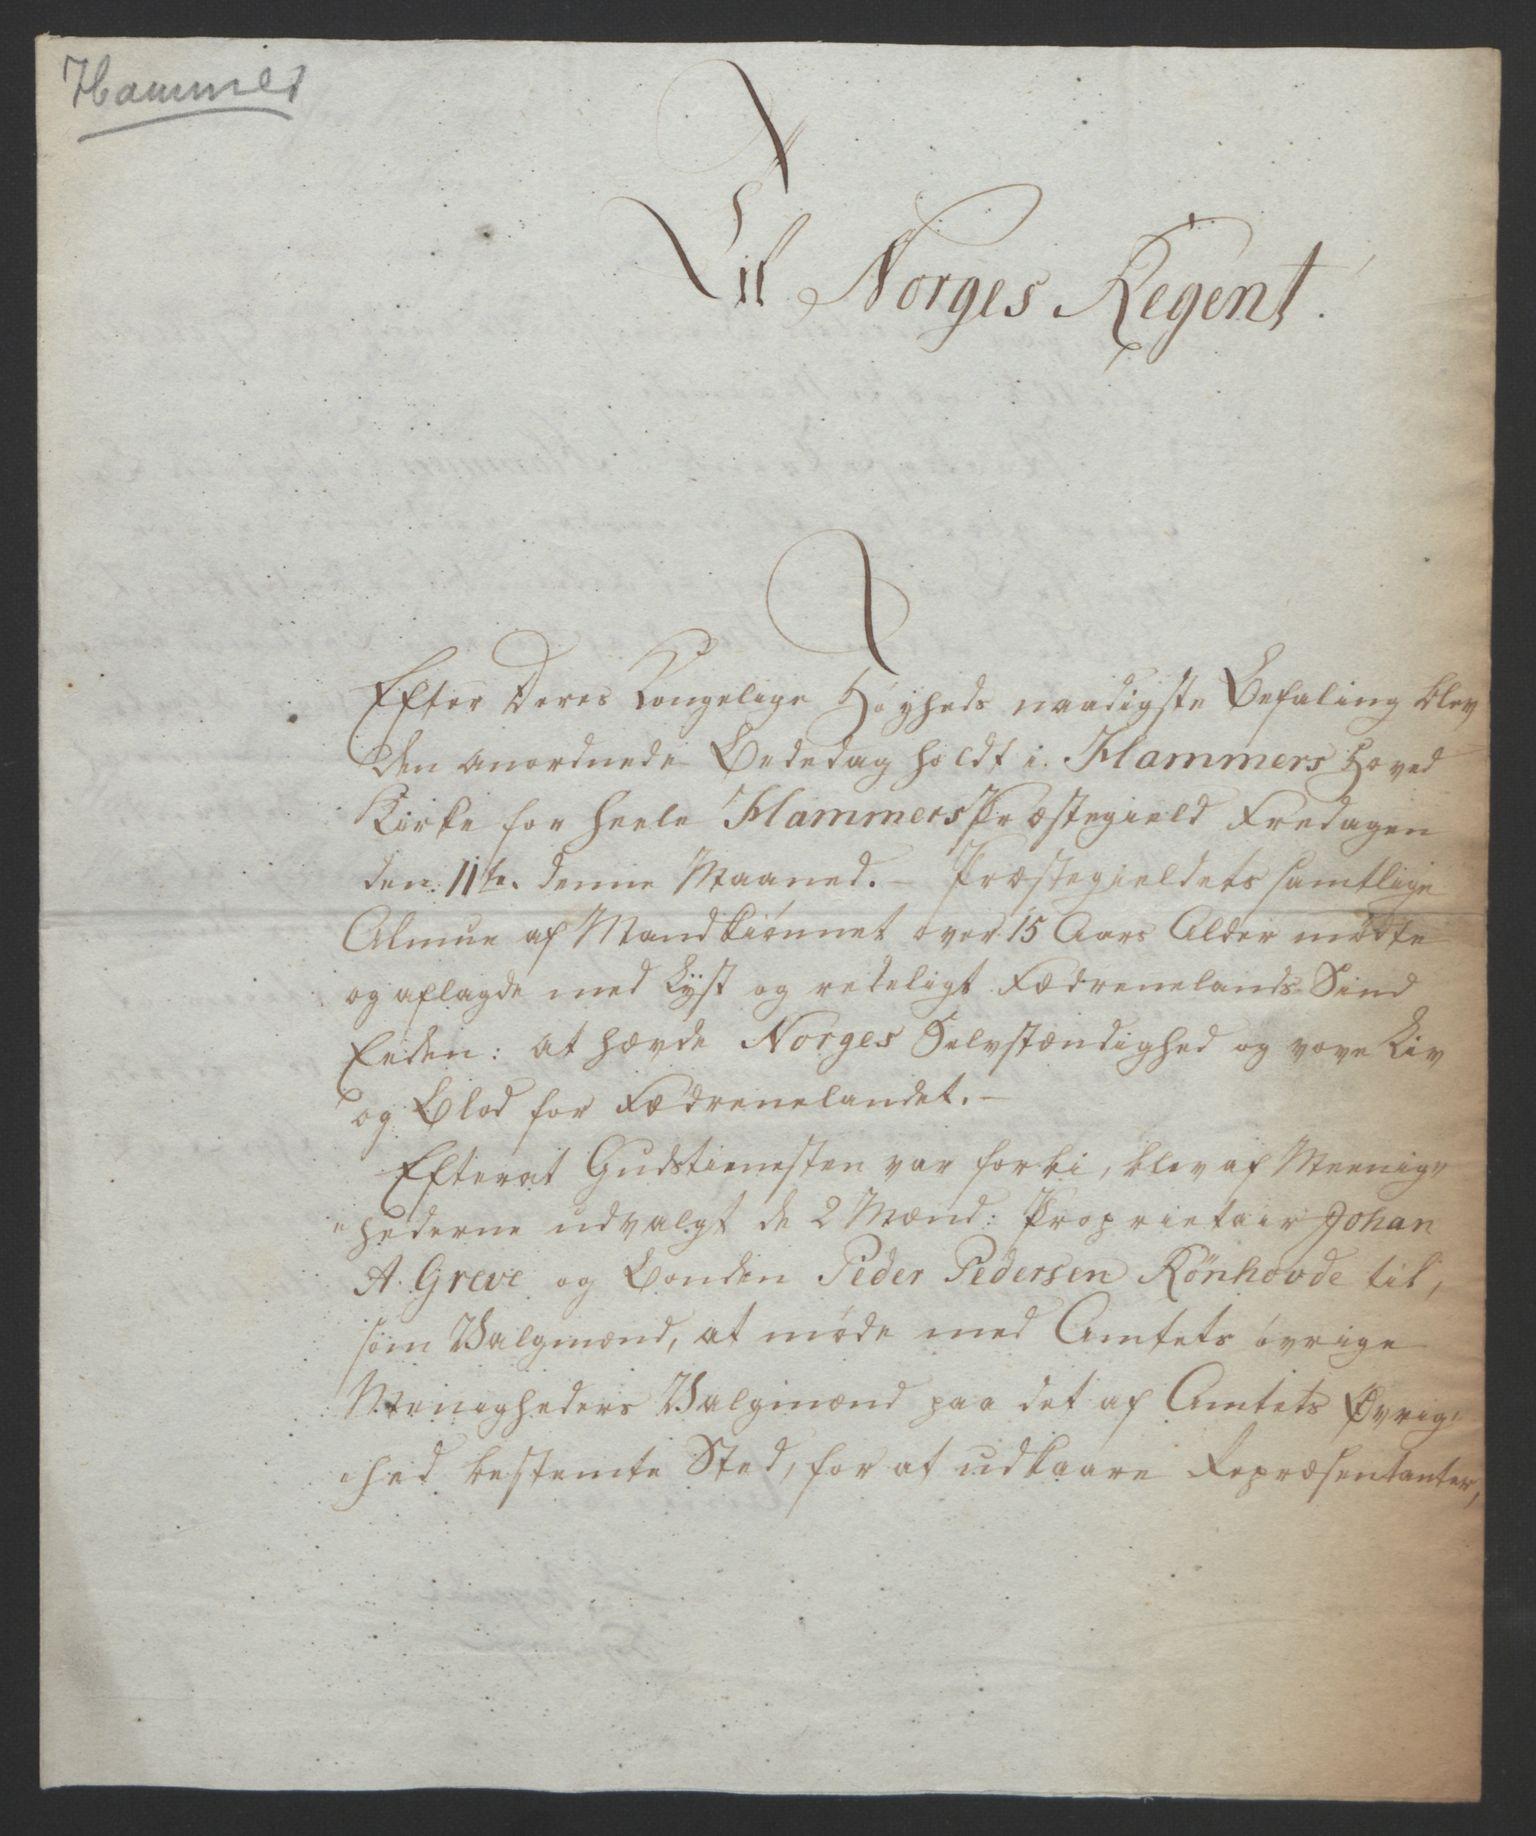 RA, Statsrådssekretariatet, D/Db/L0008: Fullmakter for Eidsvollsrepresentantene i 1814. , 1814, s. 279